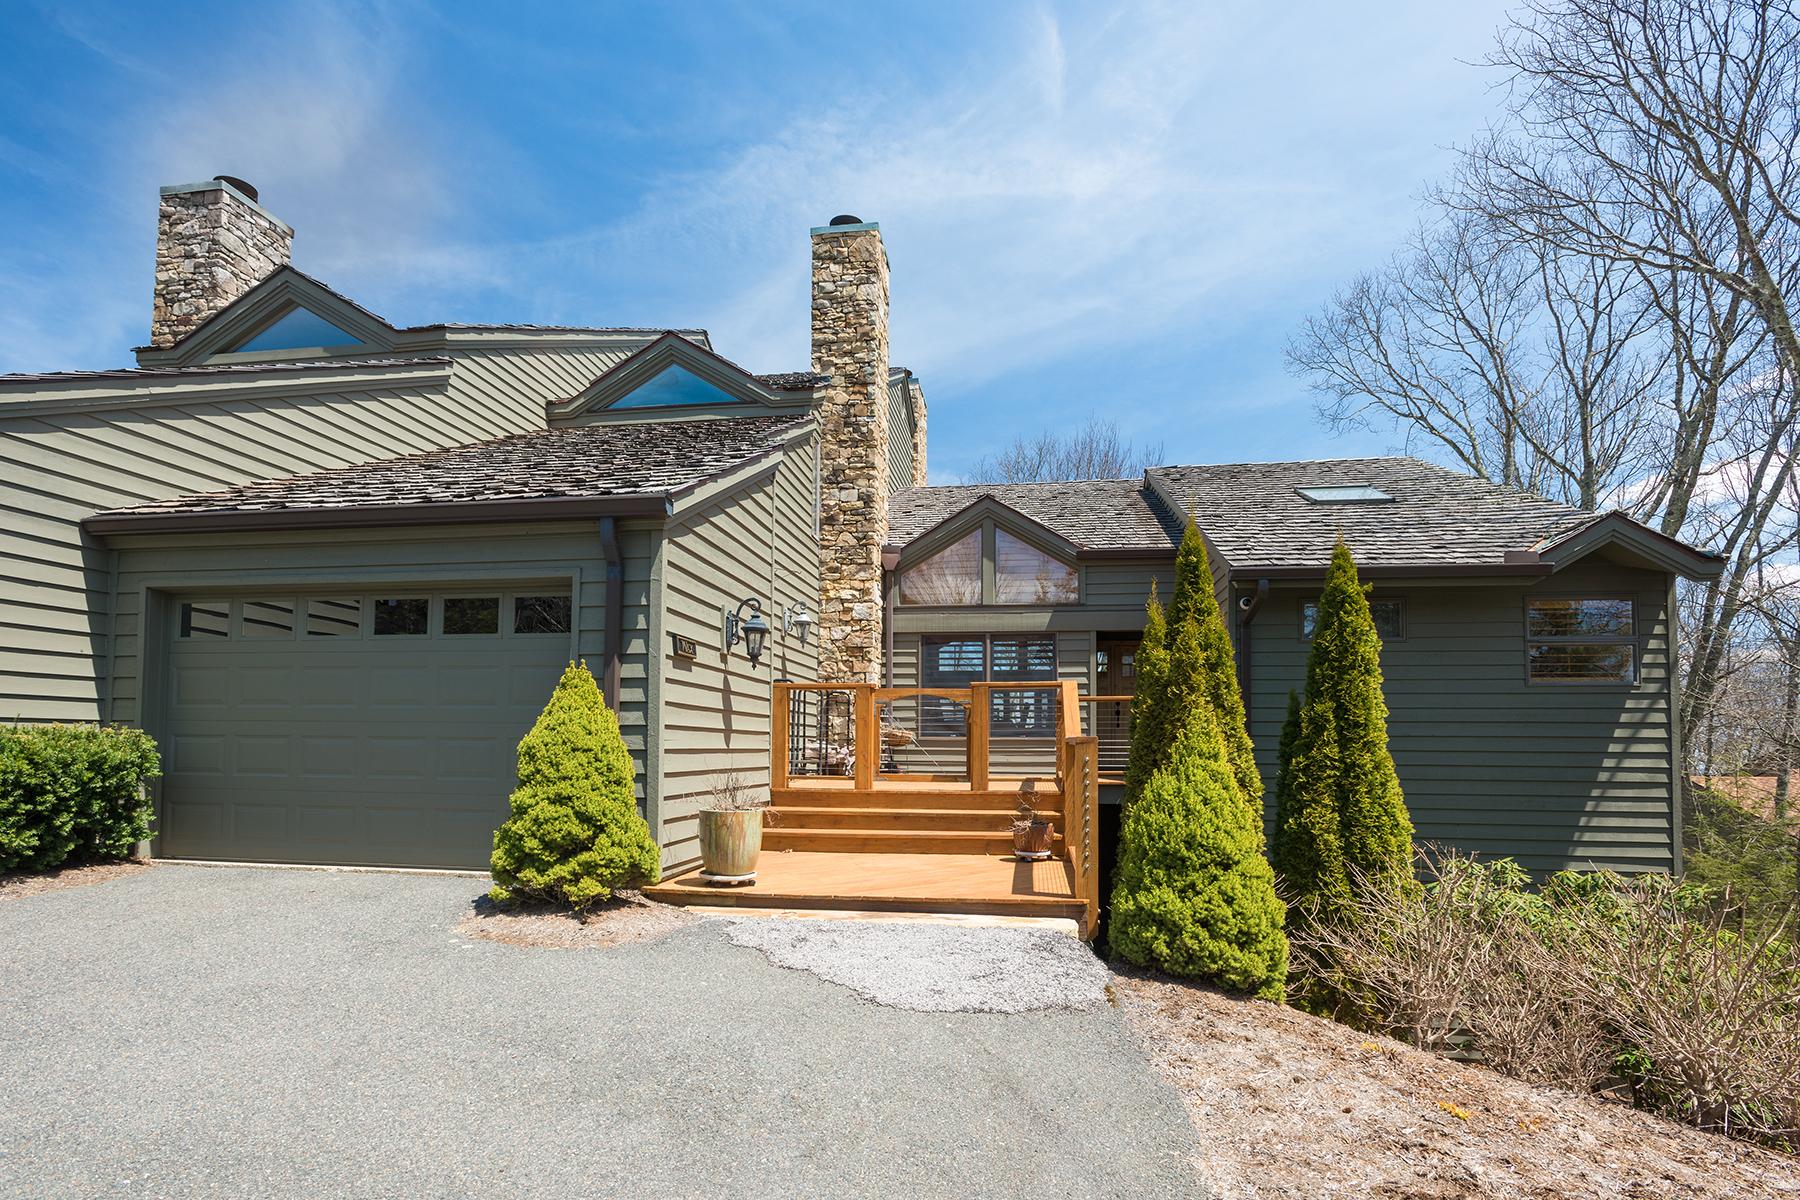 Condominiums for Sale at LINVILLE - LINVILLE RIDGE 602 Crest Ln Linville, North Carolina 28646 United States